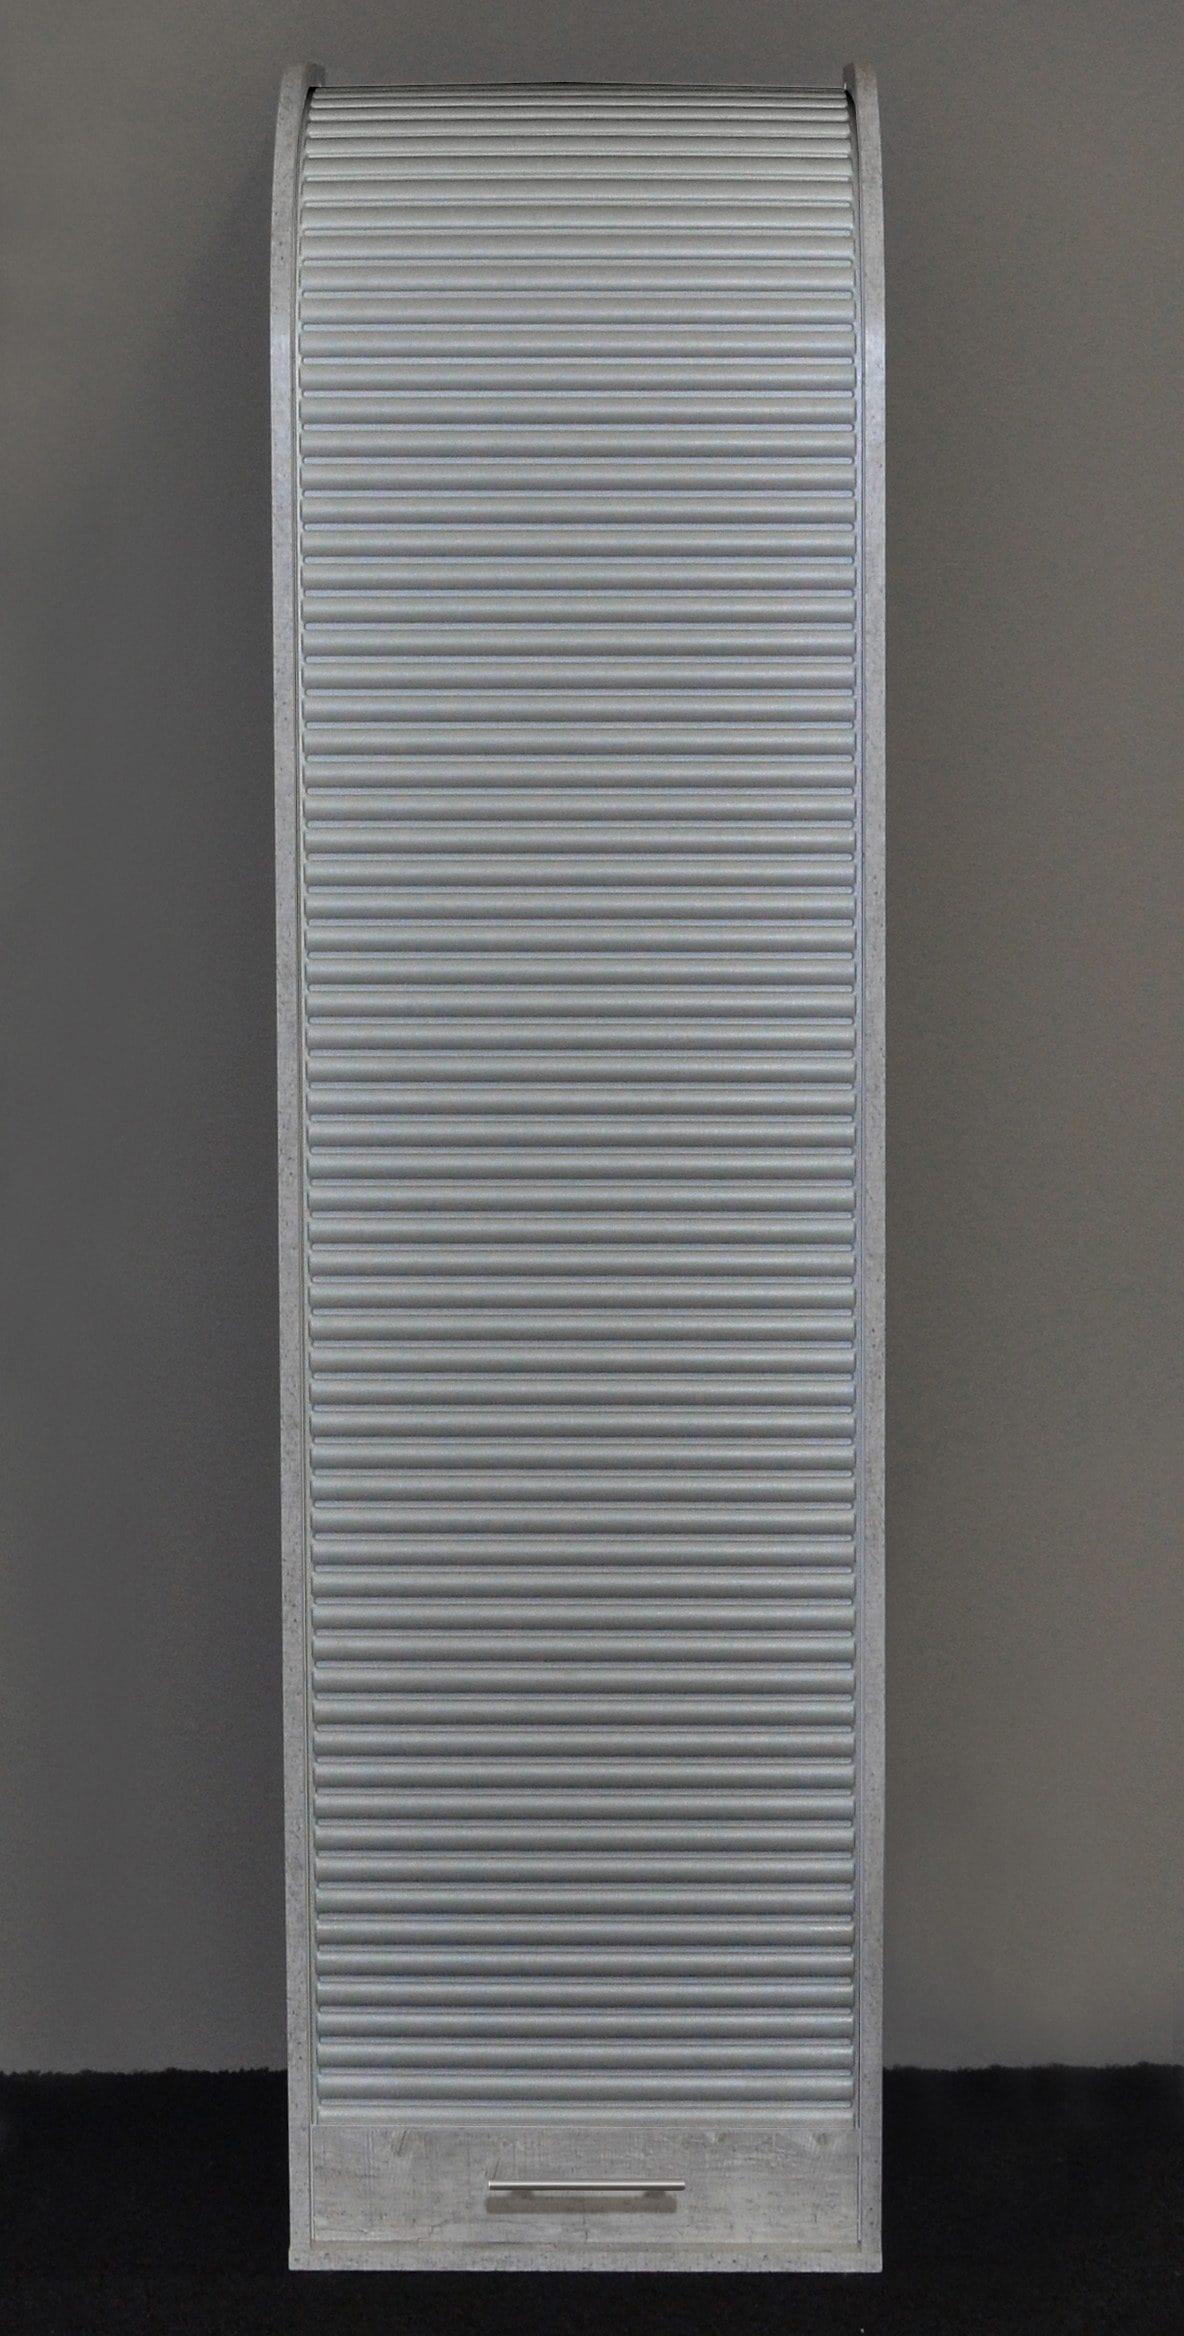 Jalousieschrank Höhe 164 cm mit viel Stauraum Preisvergleich